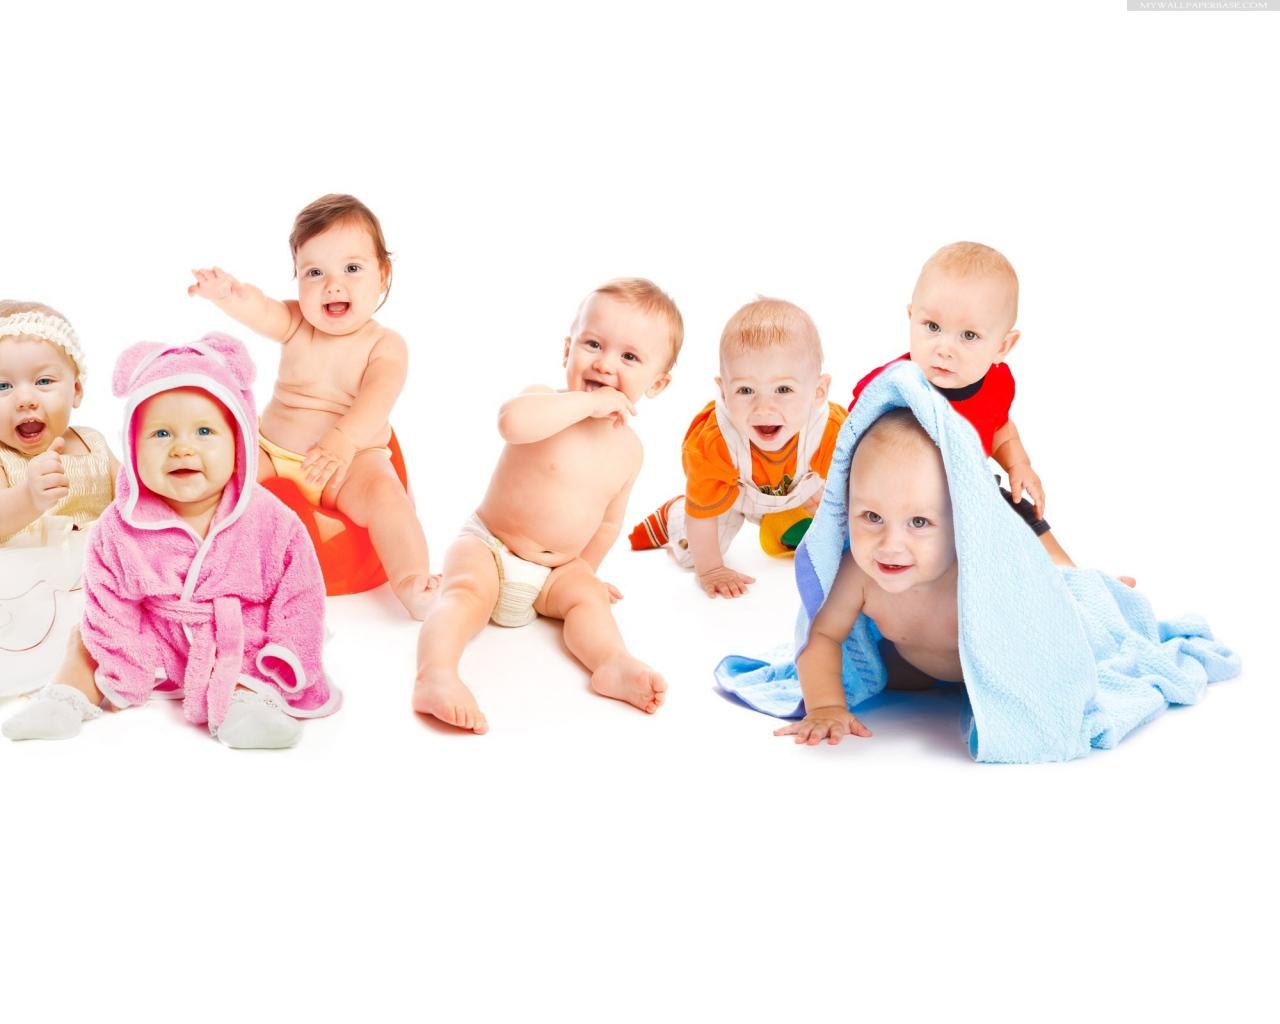 海外子ども服の只今開催中 通販ベビー&子供服 サマーセール情報